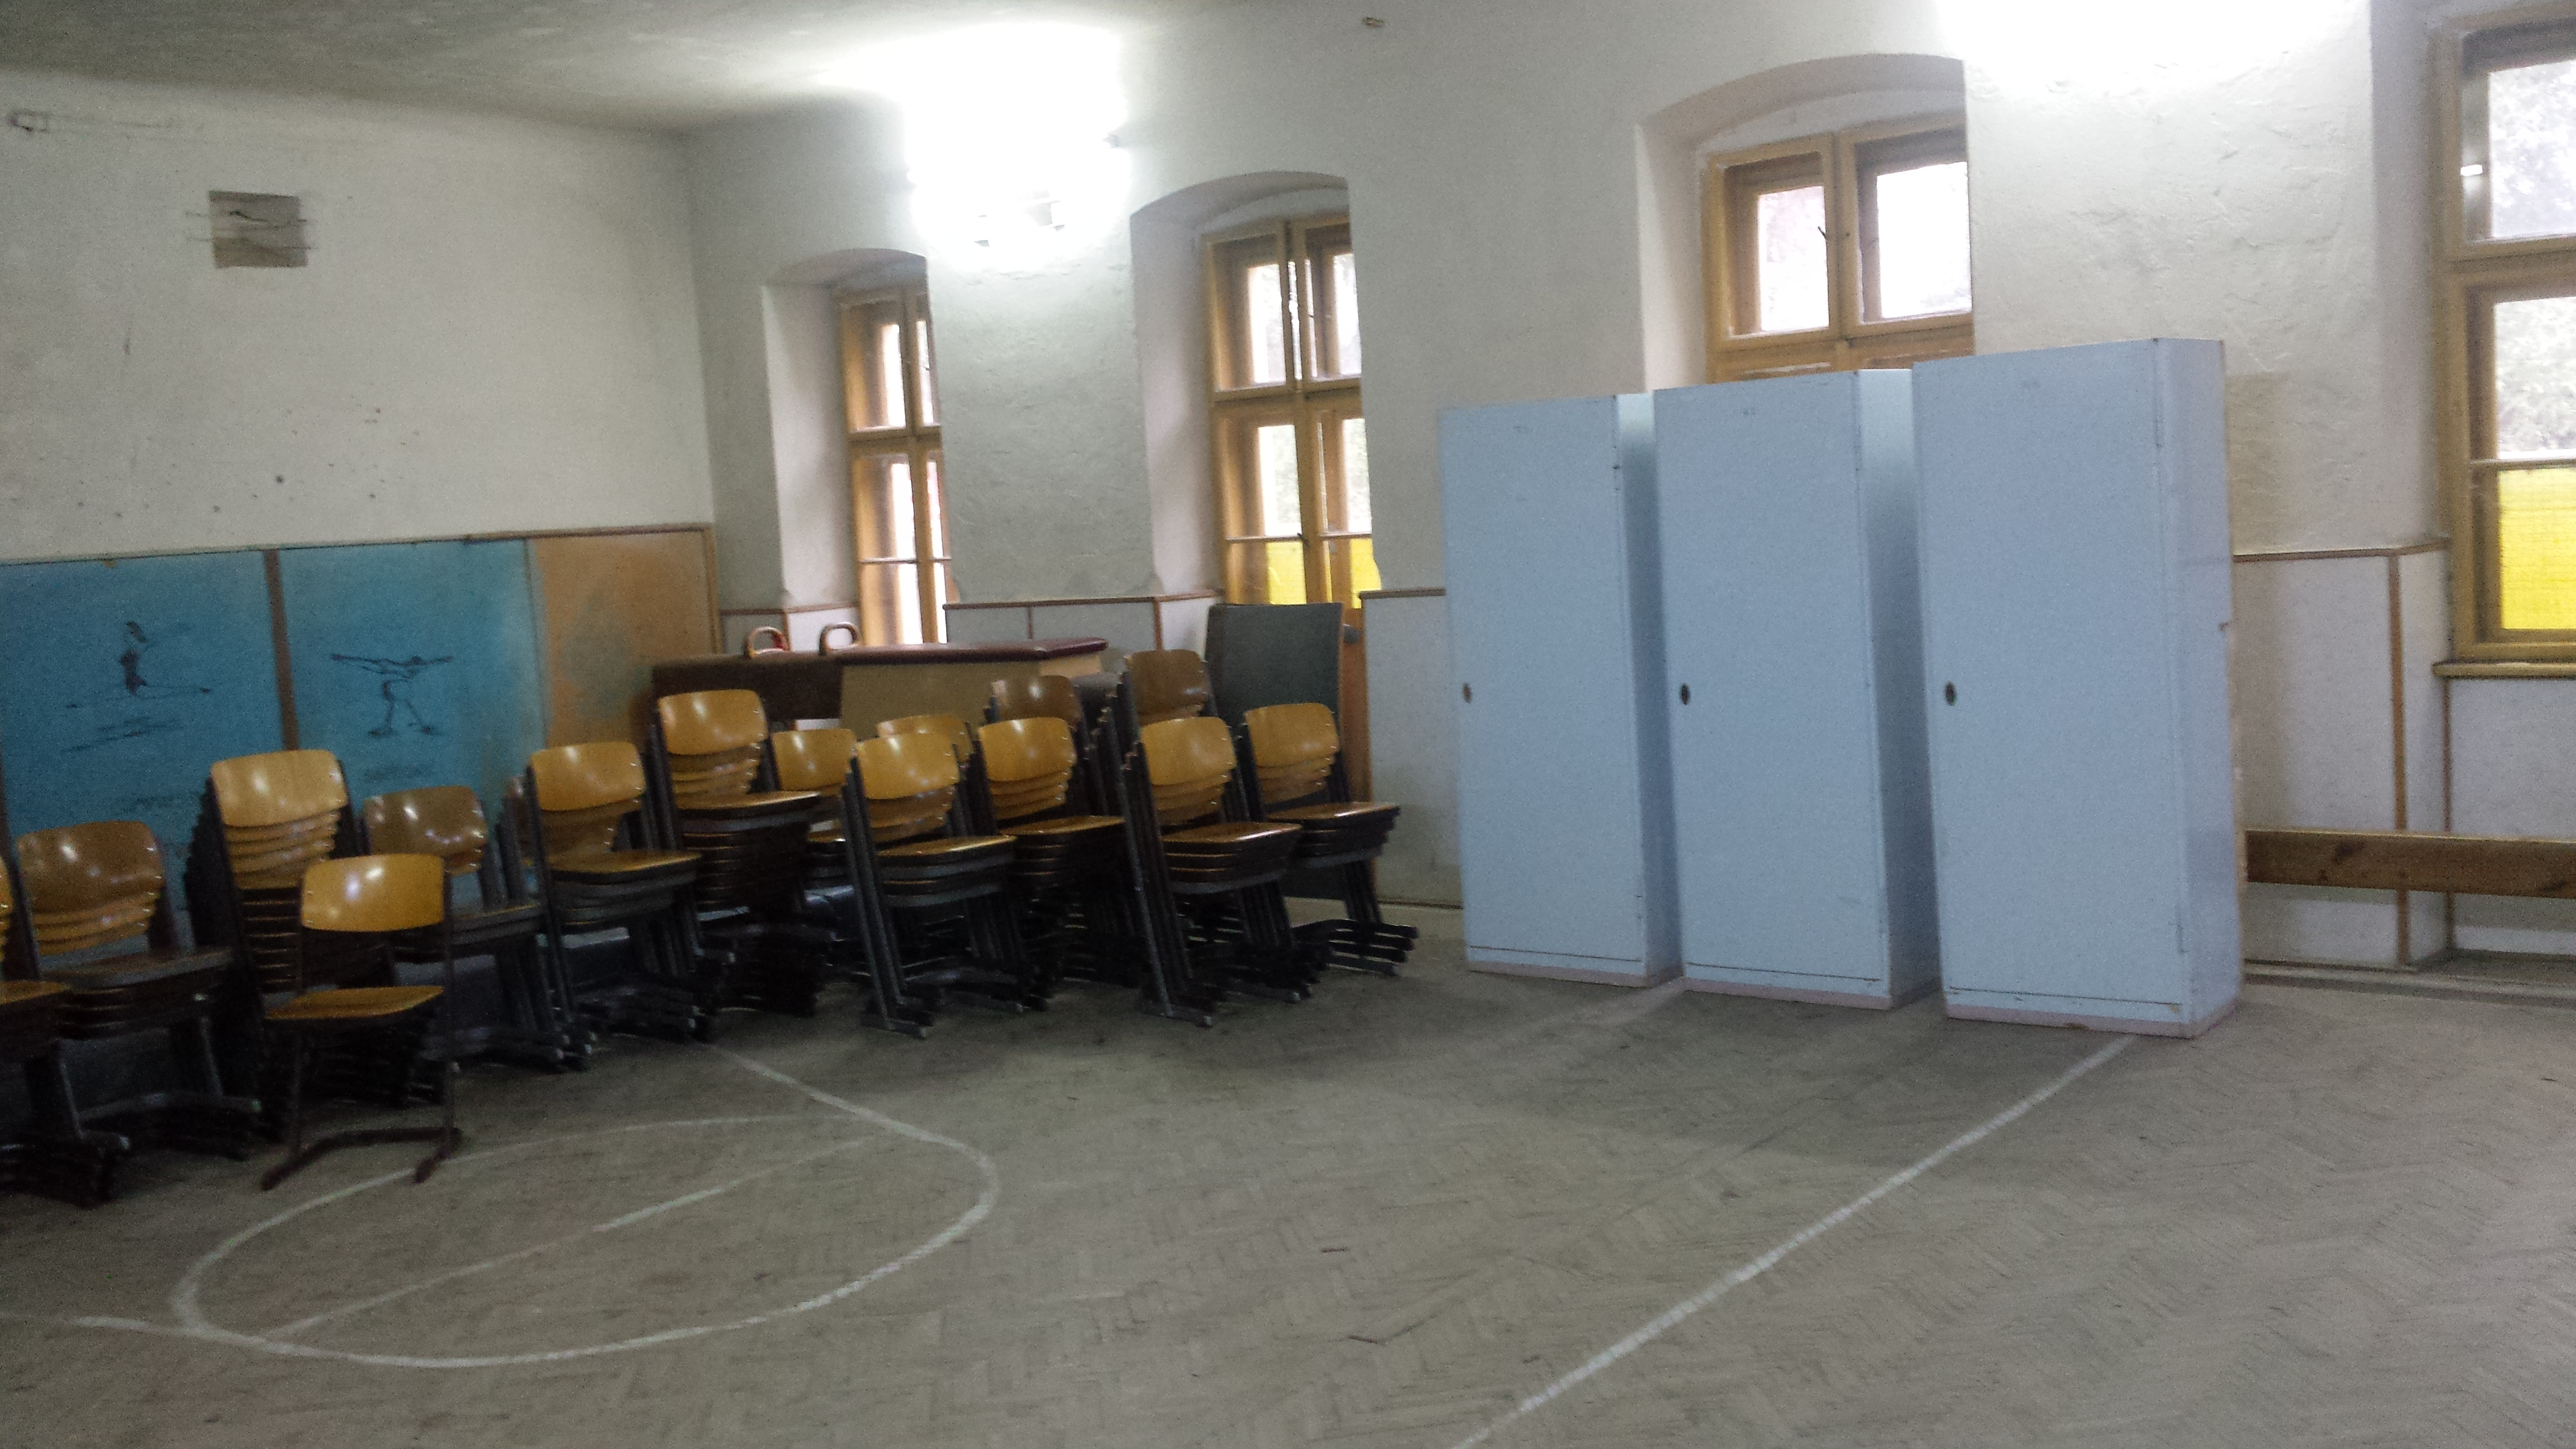 Noile scaune si dulapuri pentru salile de clasa din cadrul Liceului Atanasie Marienescu au fost aduse si isi asteapta noii proprietari